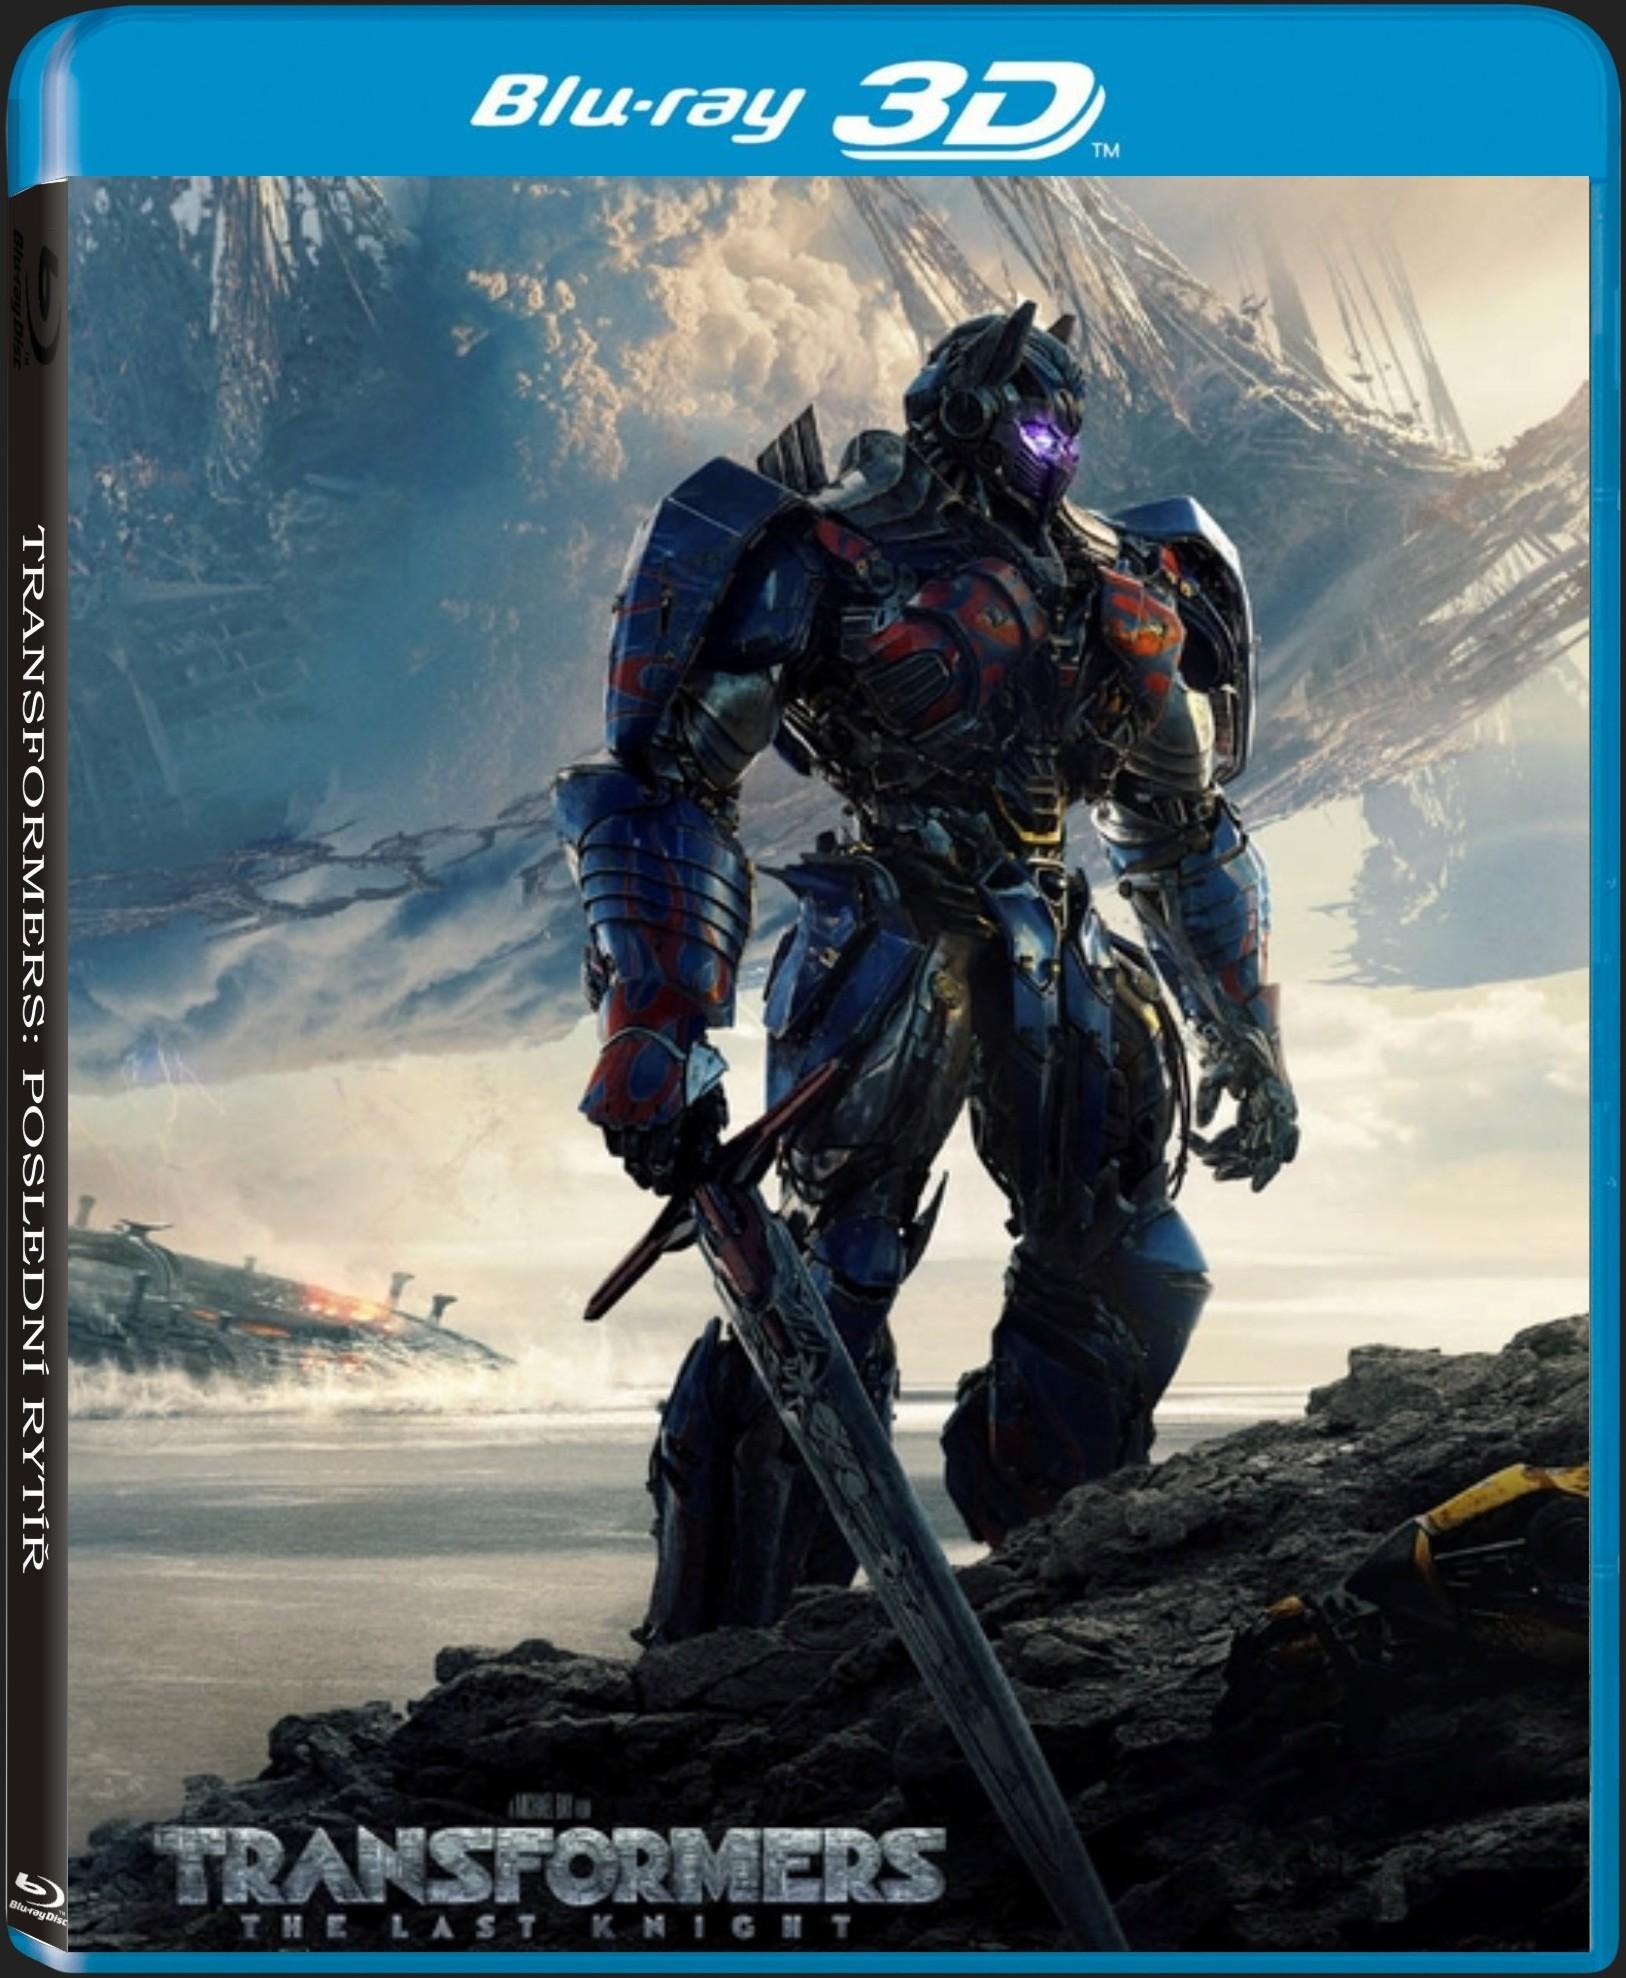 TRANSFORMERS: POSLEDNÍ RYTÍŘ - Blu-ray 3D + 2D